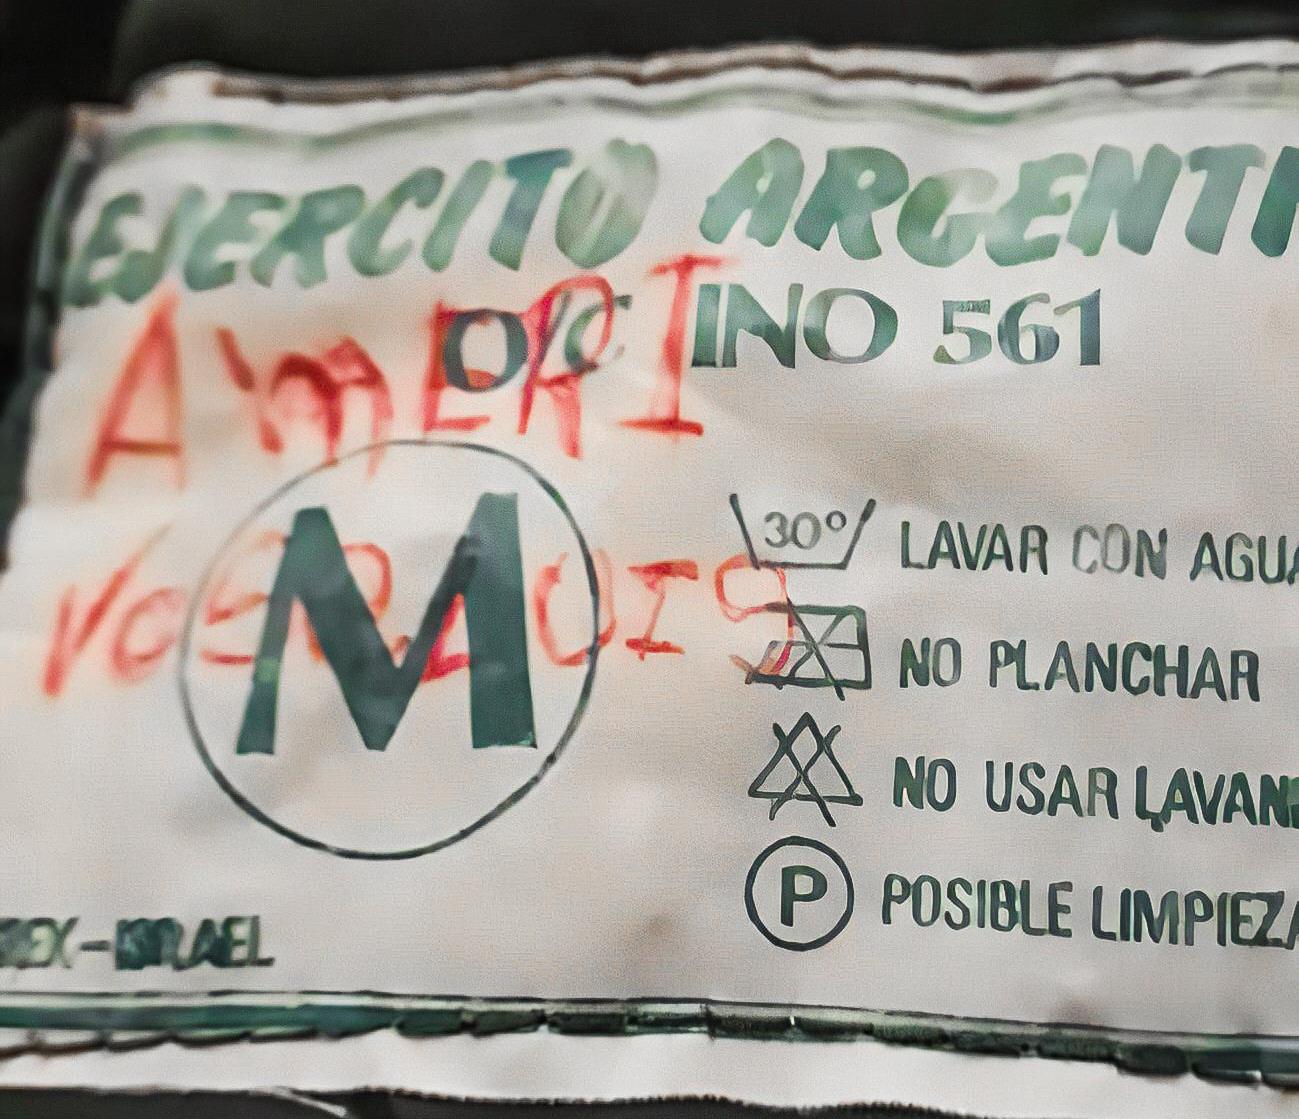 'Ejército Argentino'